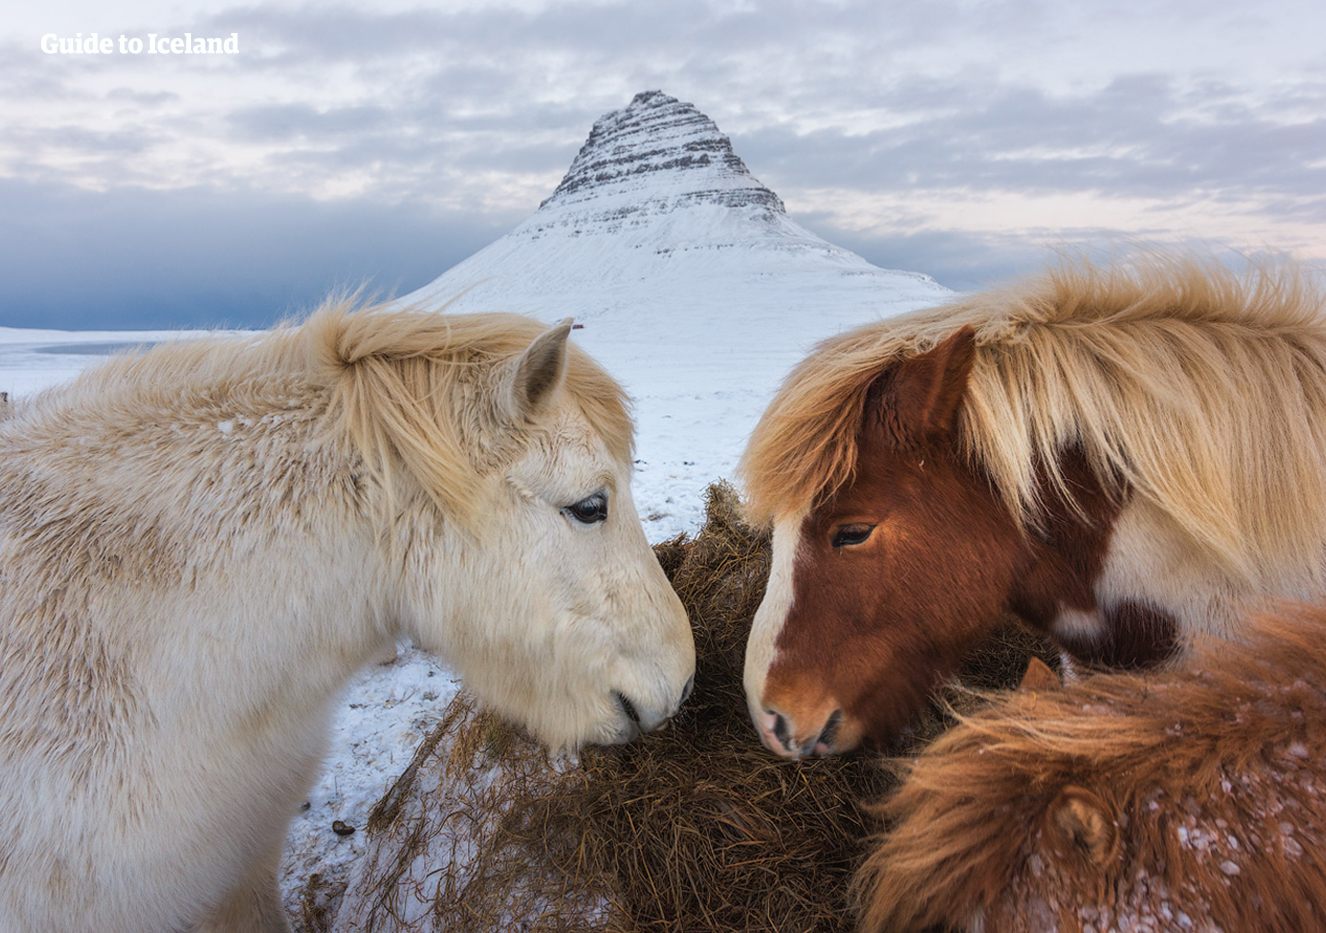 冰岛西部斯奈山半岛上的冰岛马,背景是著名的教会山,也称草帽山